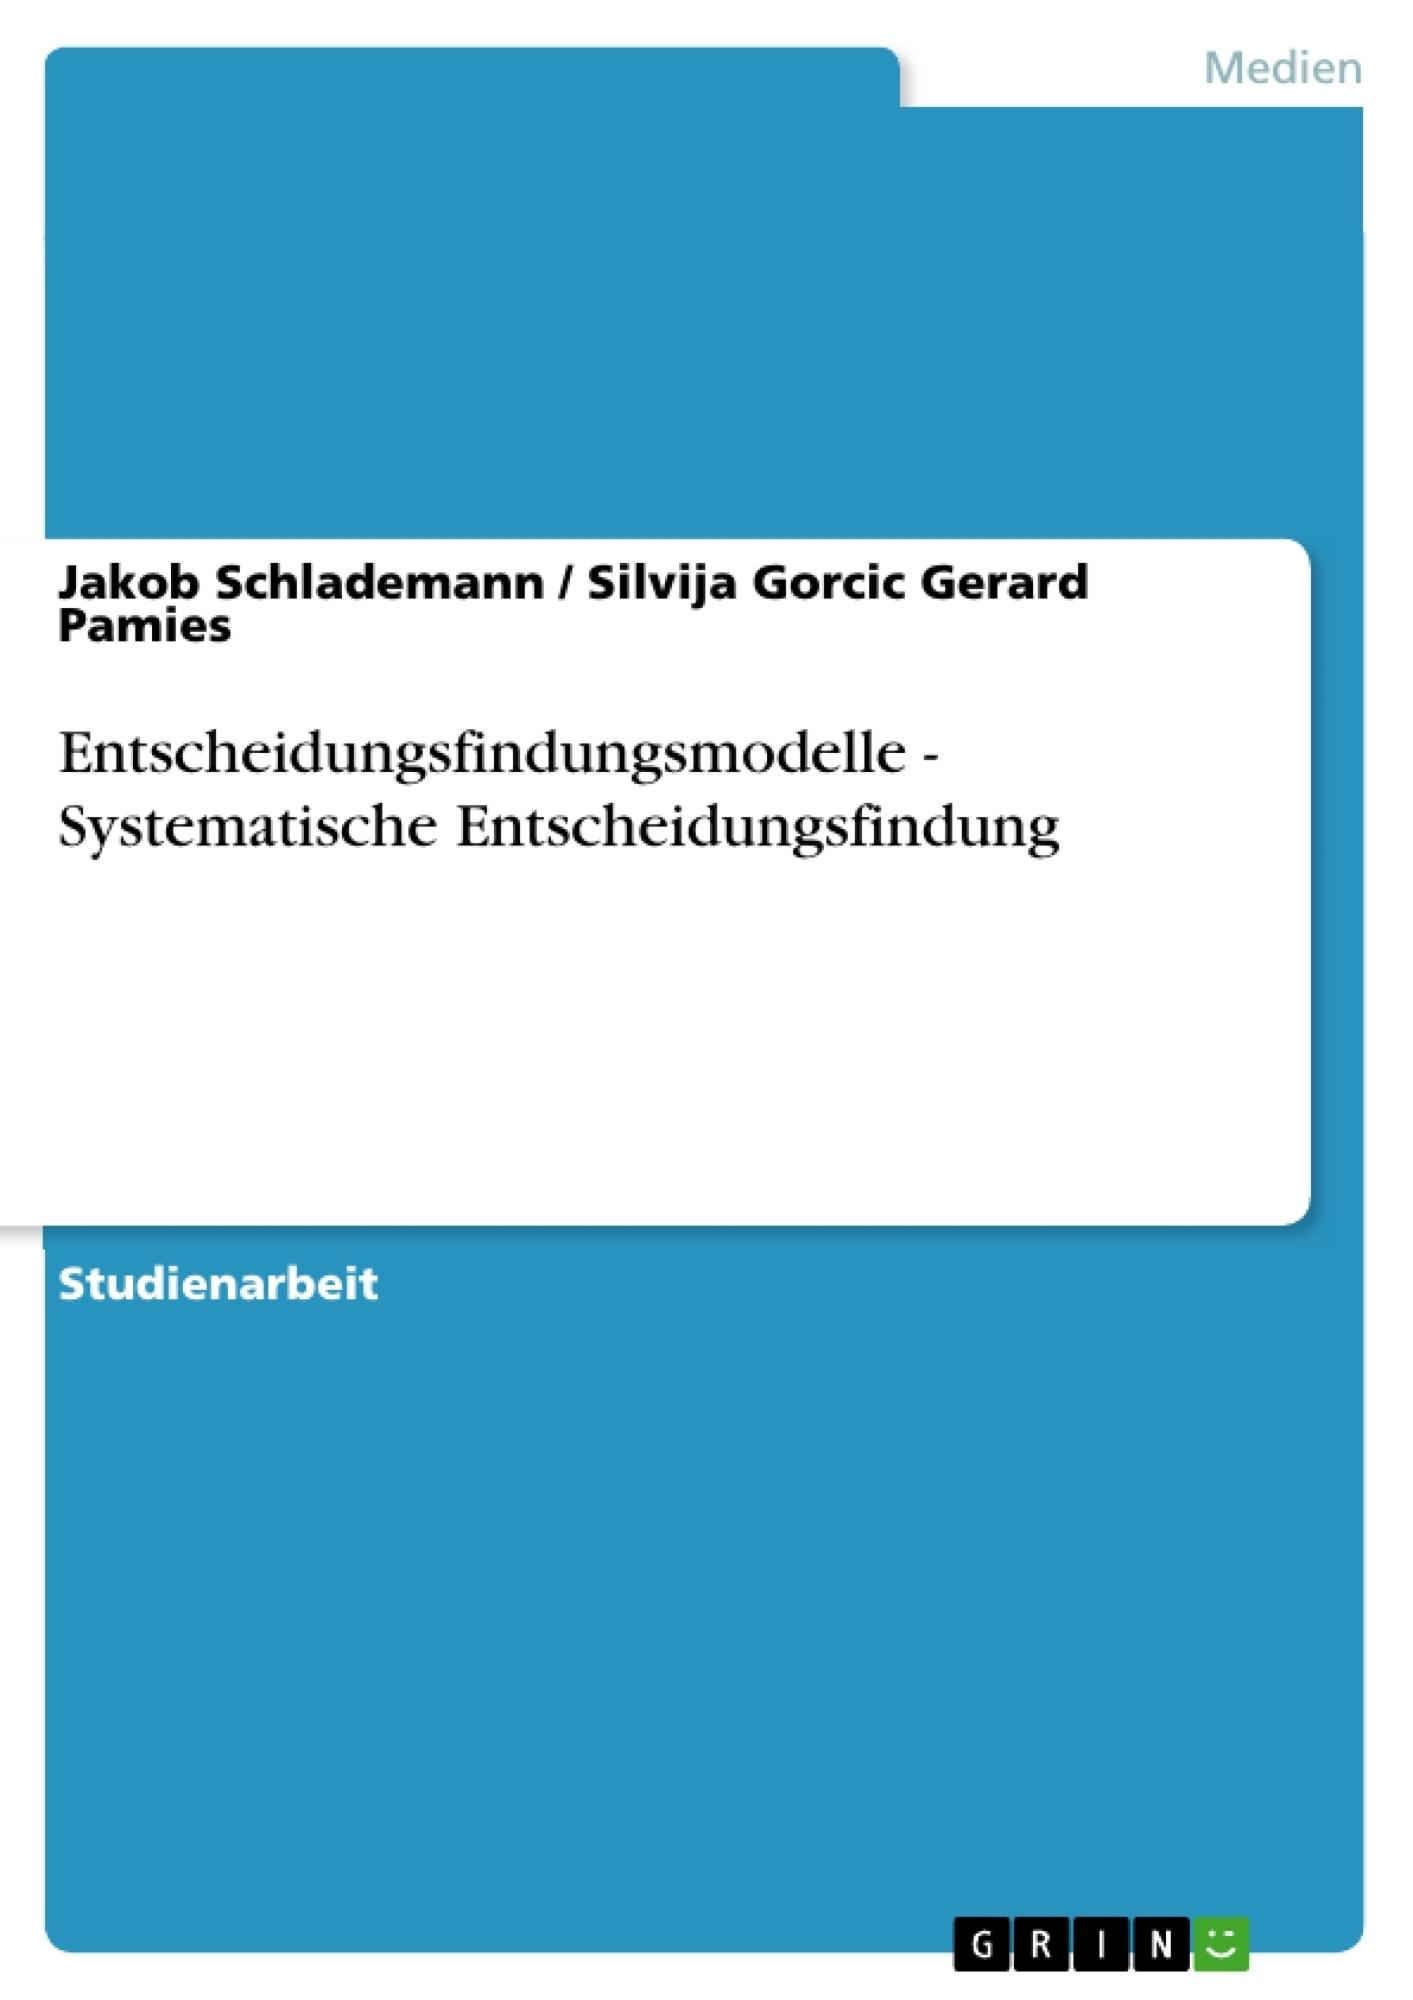 Titel: Entscheidungsfindungsmodelle - Systematische Entscheidungsfindung